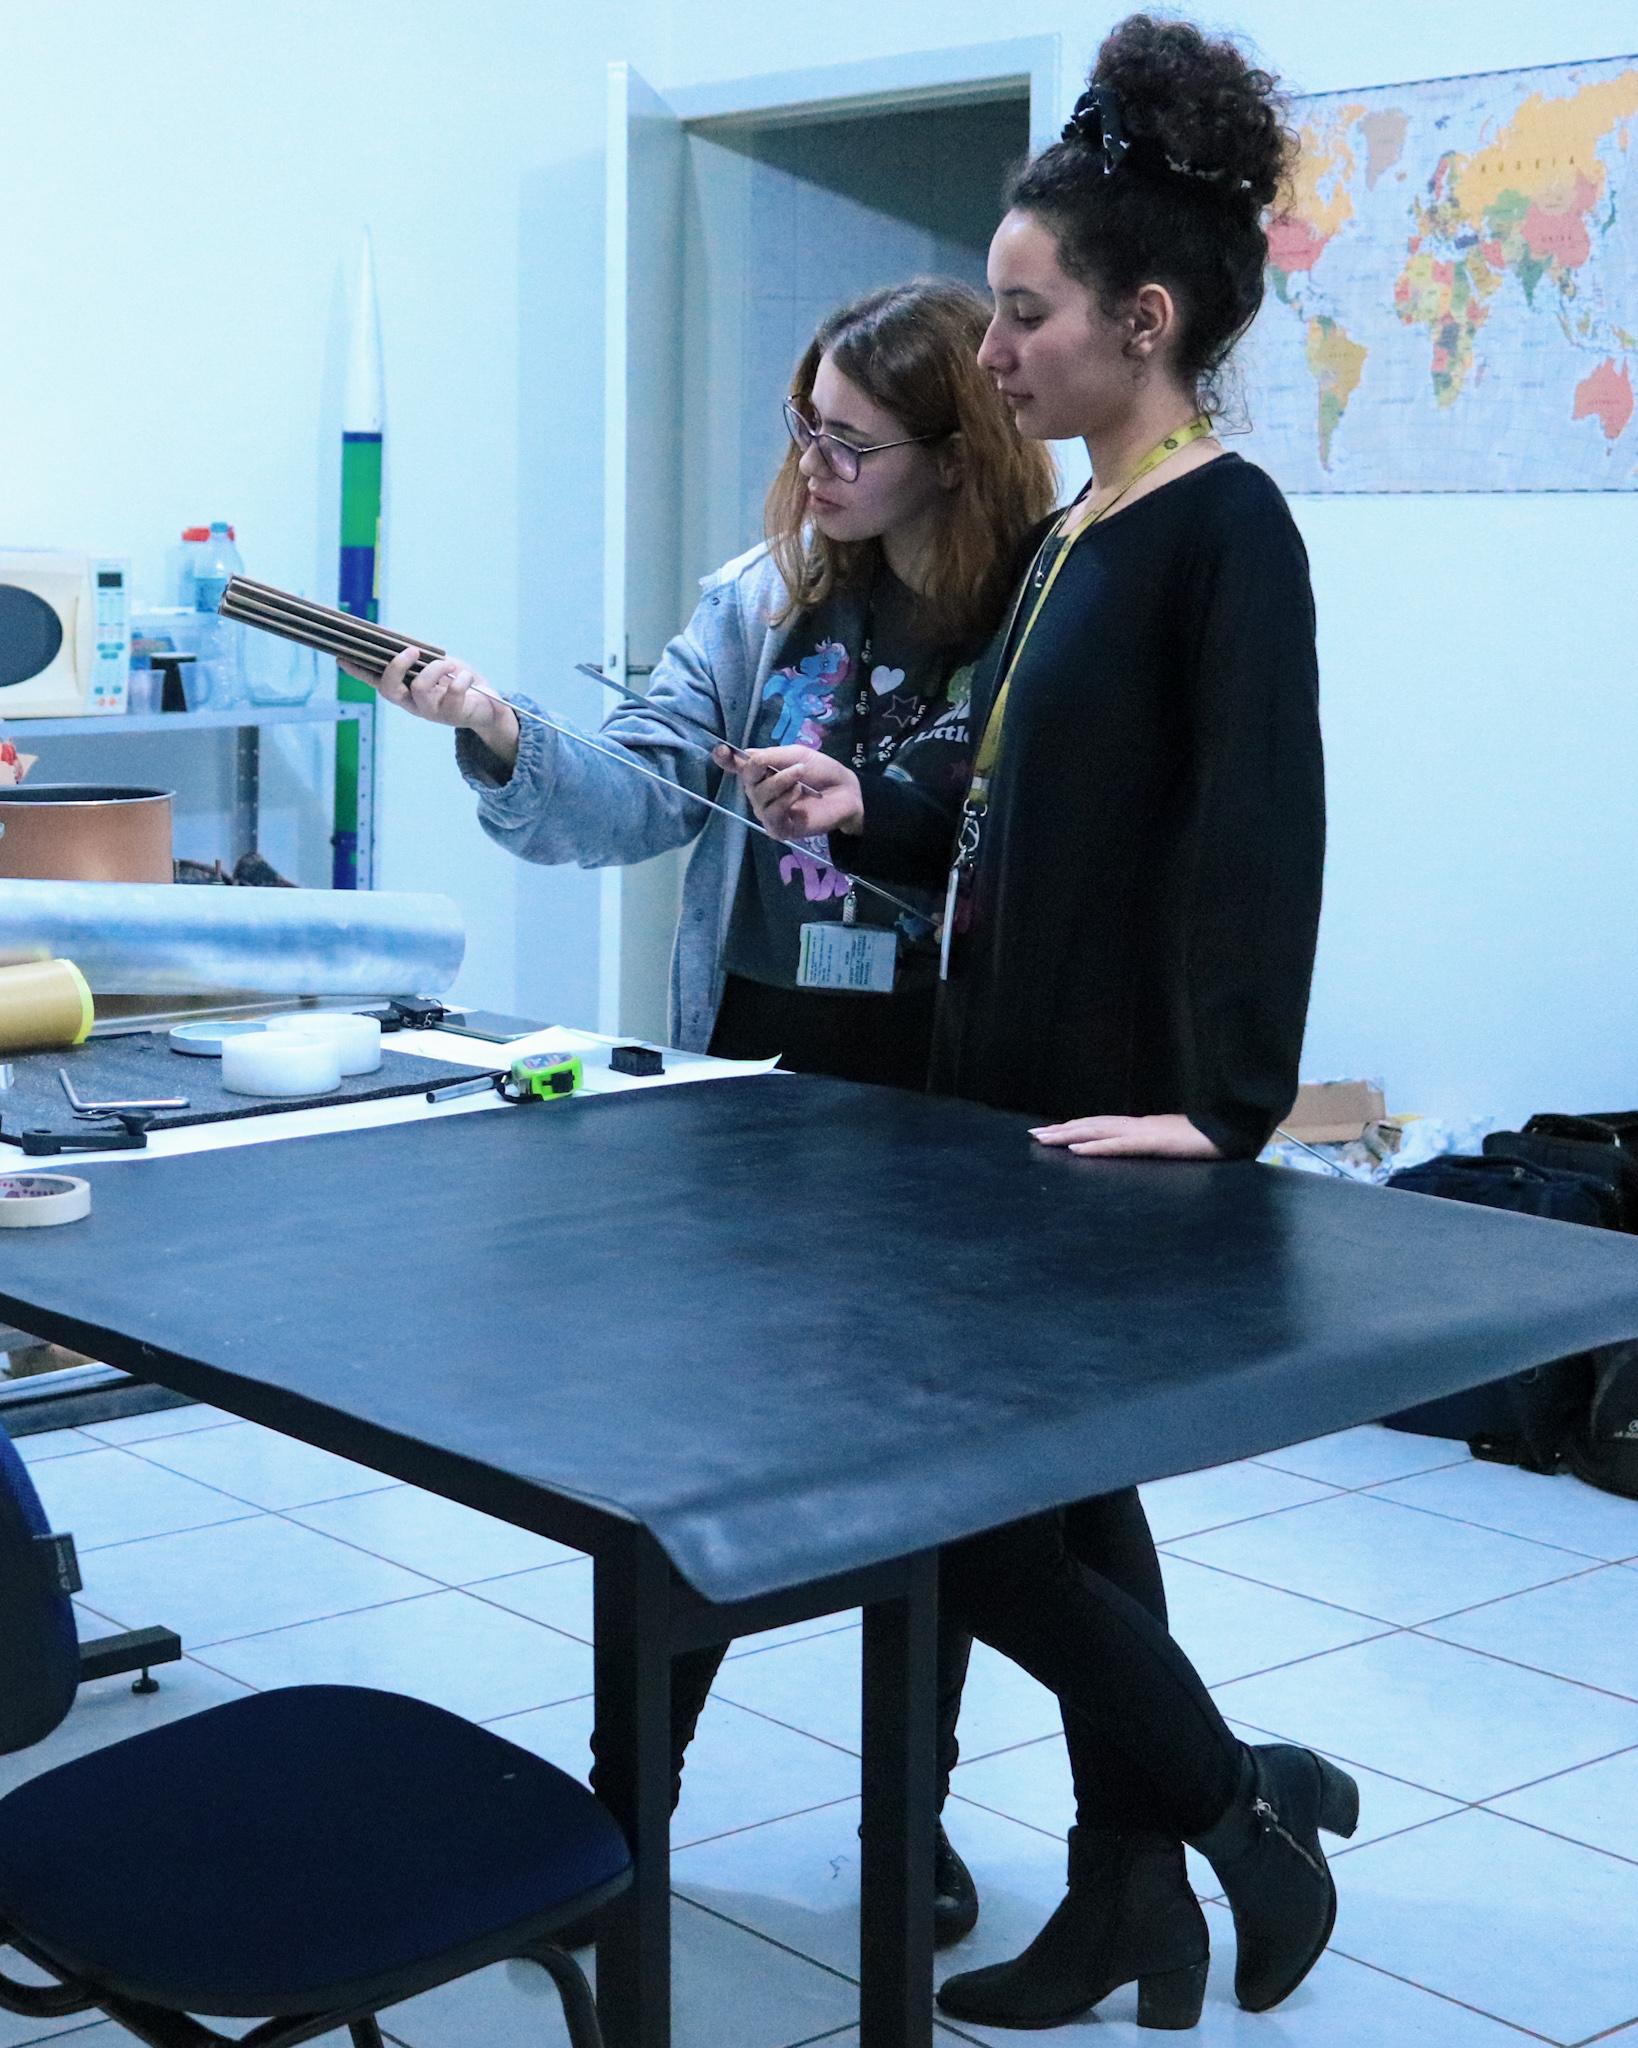 Duas jovens em pé, junto a uma mesa, observam um objeto cilíndrico